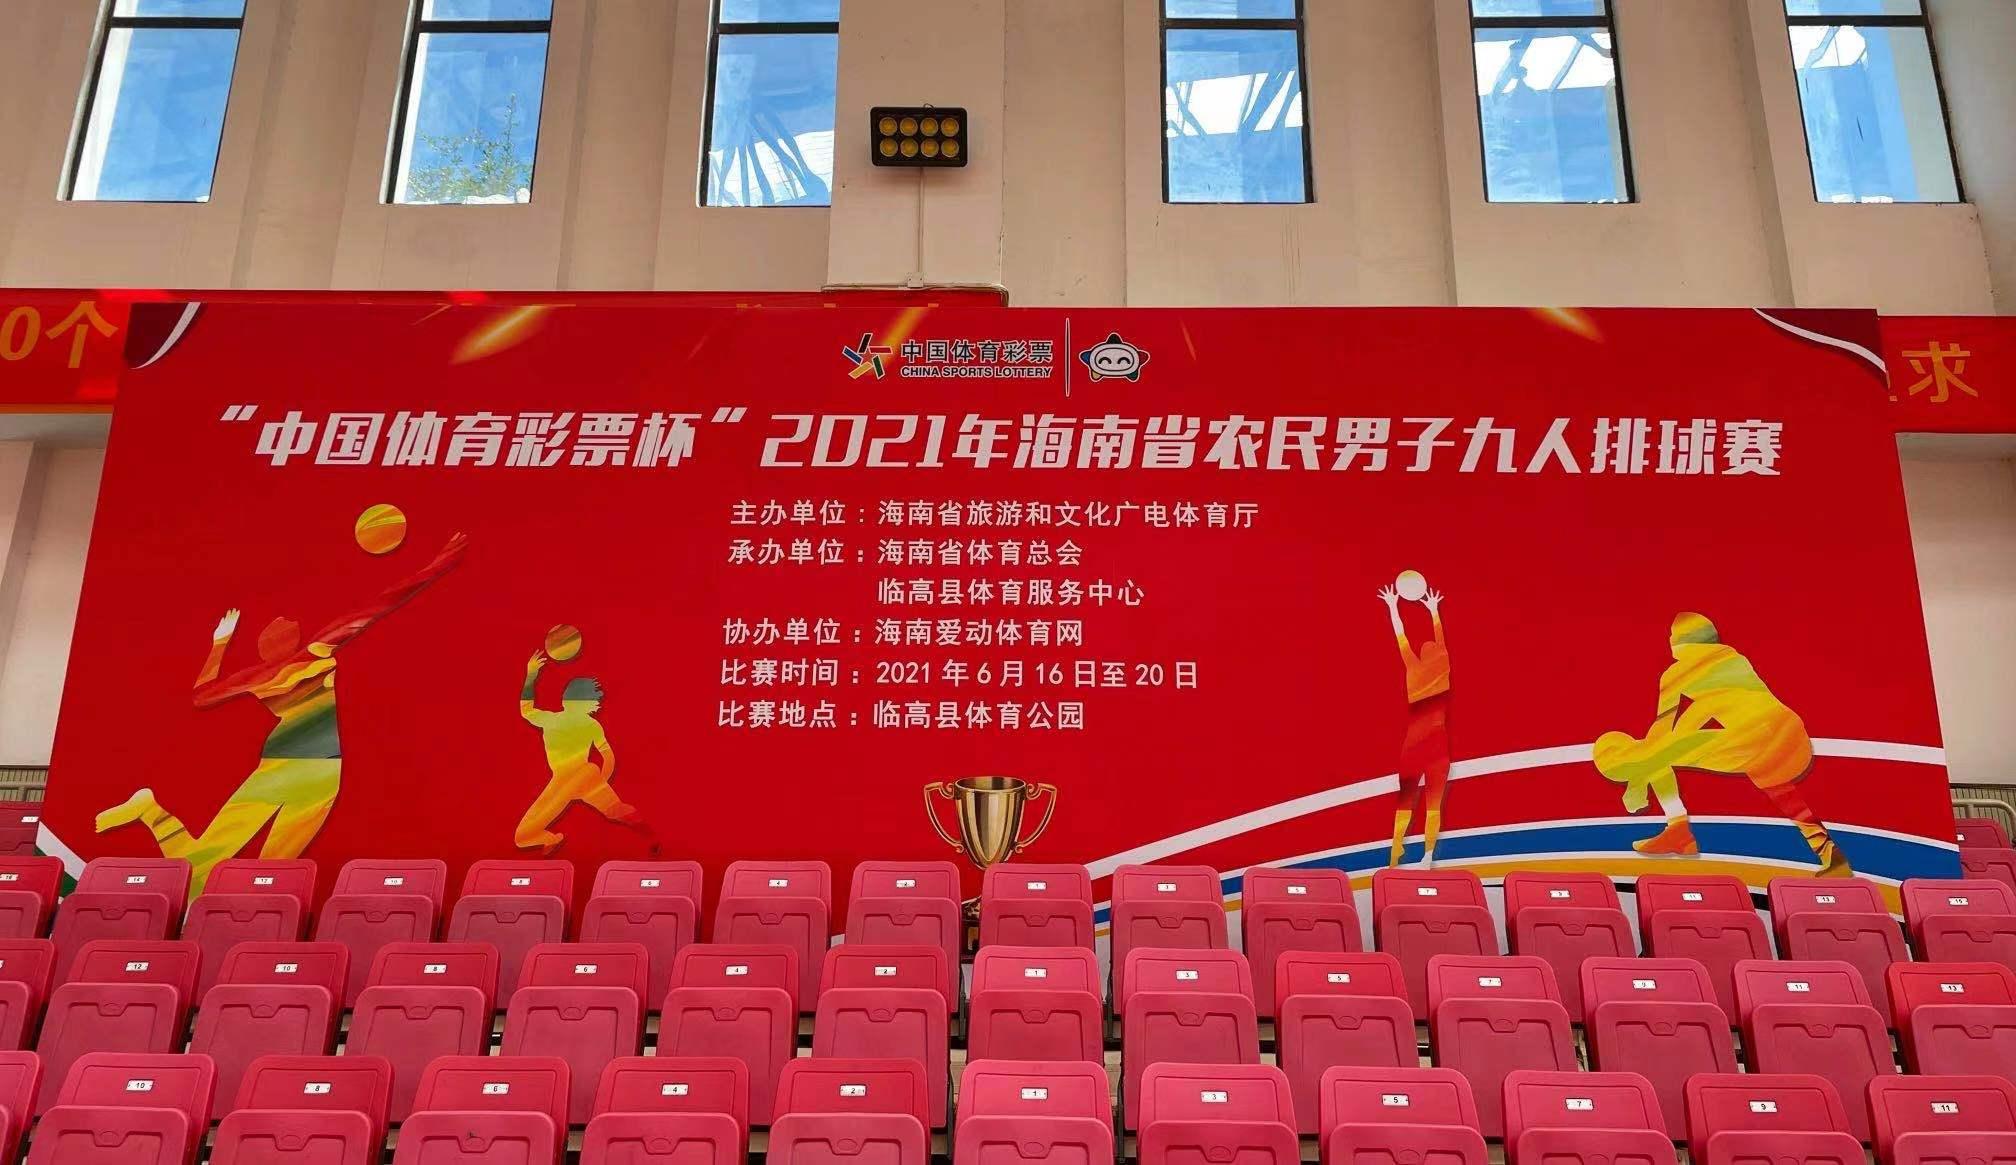 2021年海南省农民男子九人排球赛 第七轮 20号上午